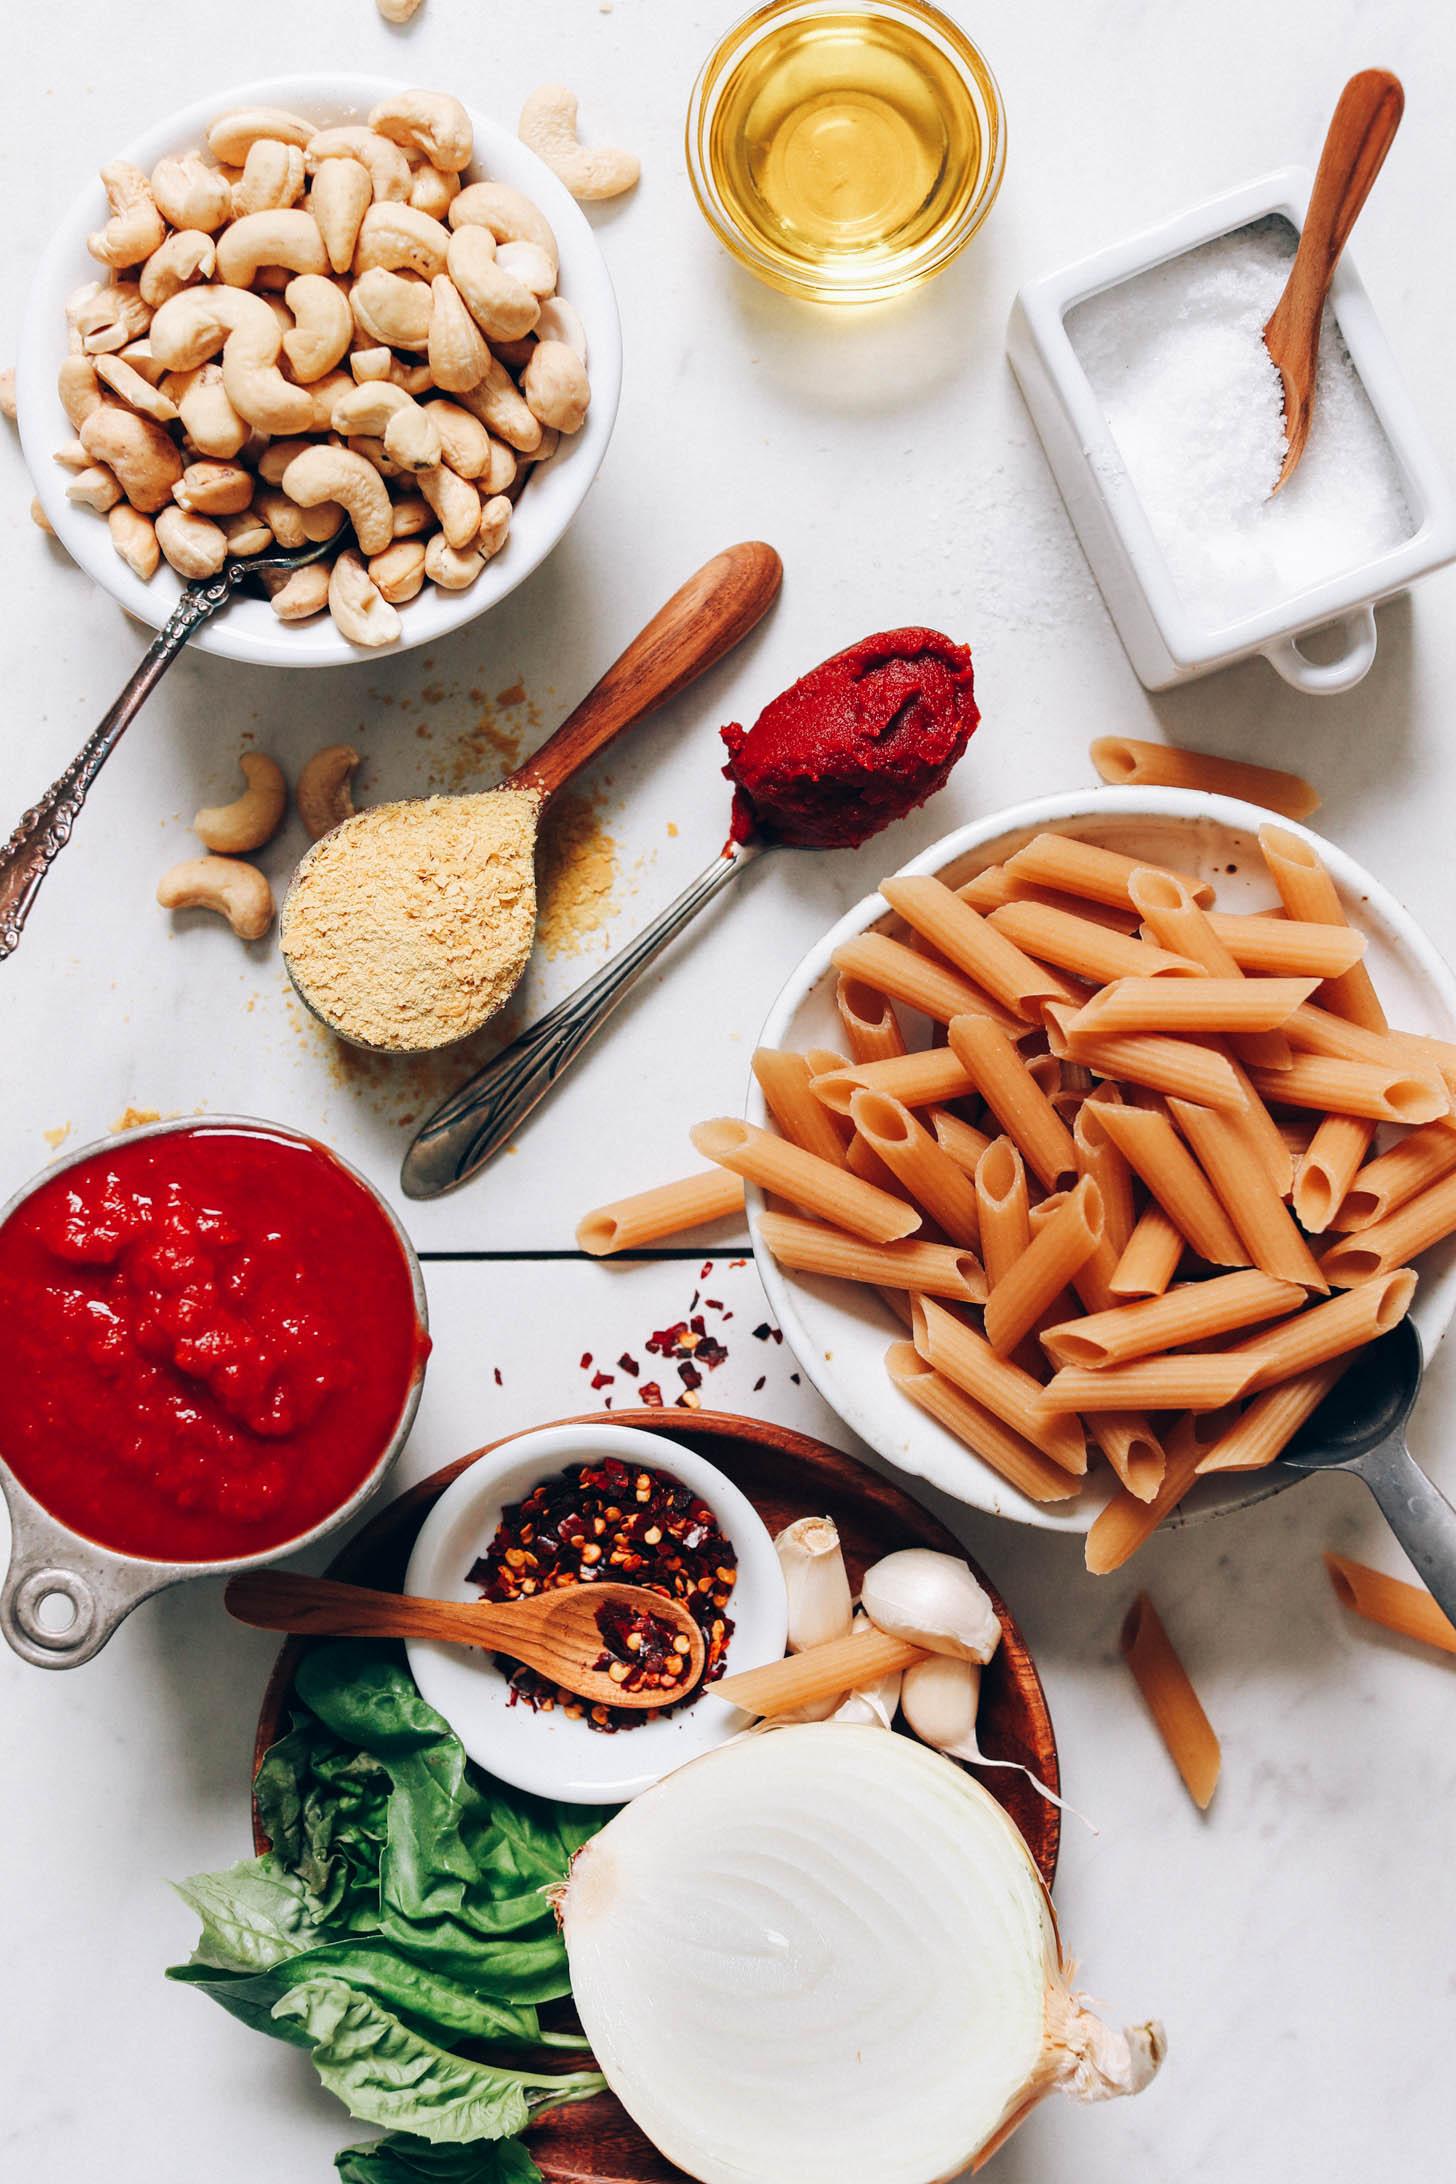 Noix de cajou, levure nutritionnelle, pâte de tomate, huile d'olive, sel, nouilles penne, ail, oignon, basilic et tomates concassées